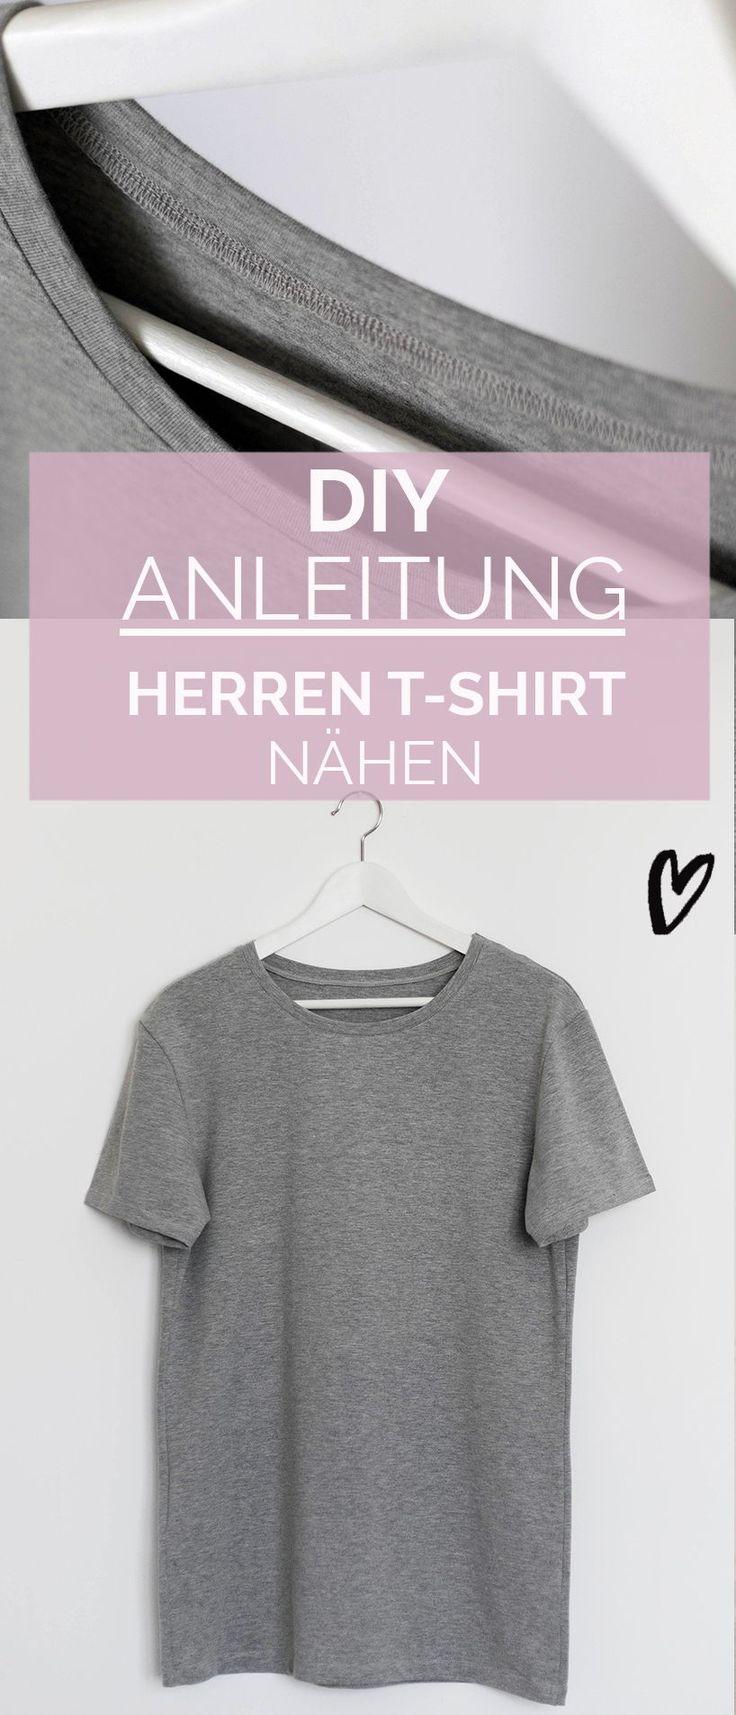 41 besten DIY ^ BASICS NÄHEN Bilder auf Pinterest | Anleitungen ...